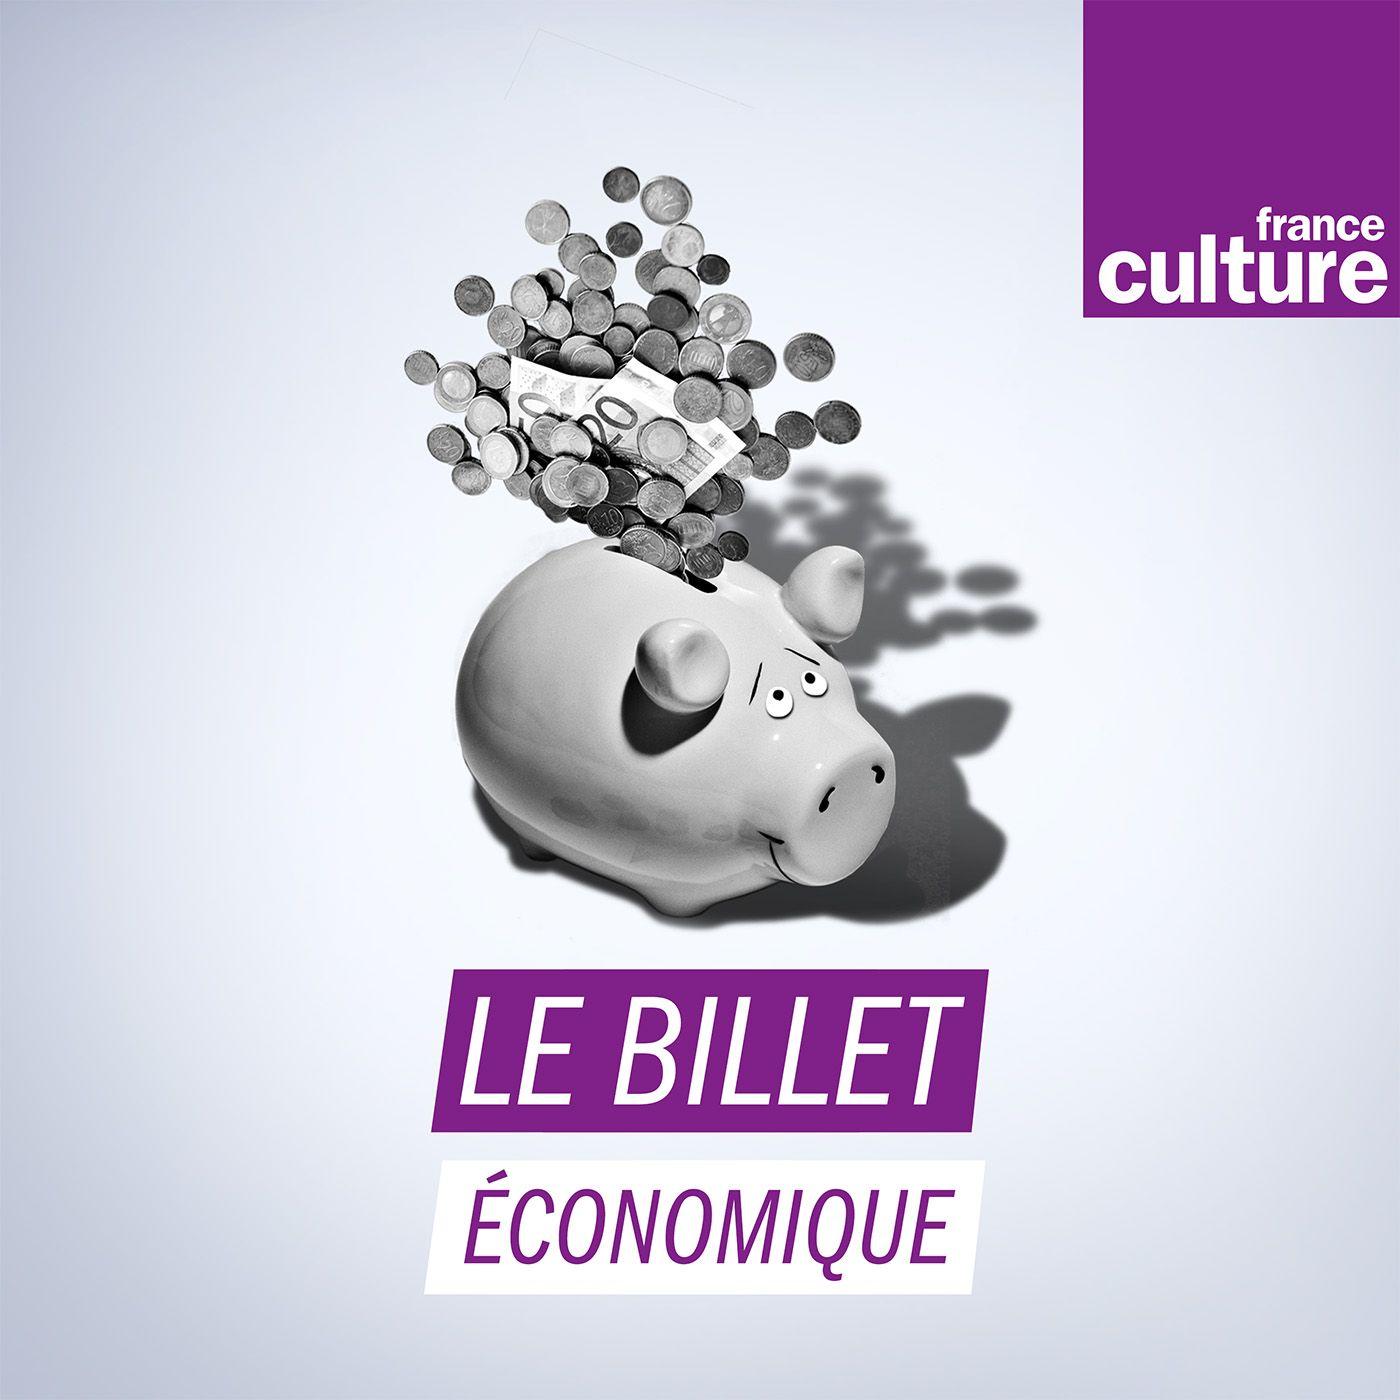 Image 1: Le billet economique